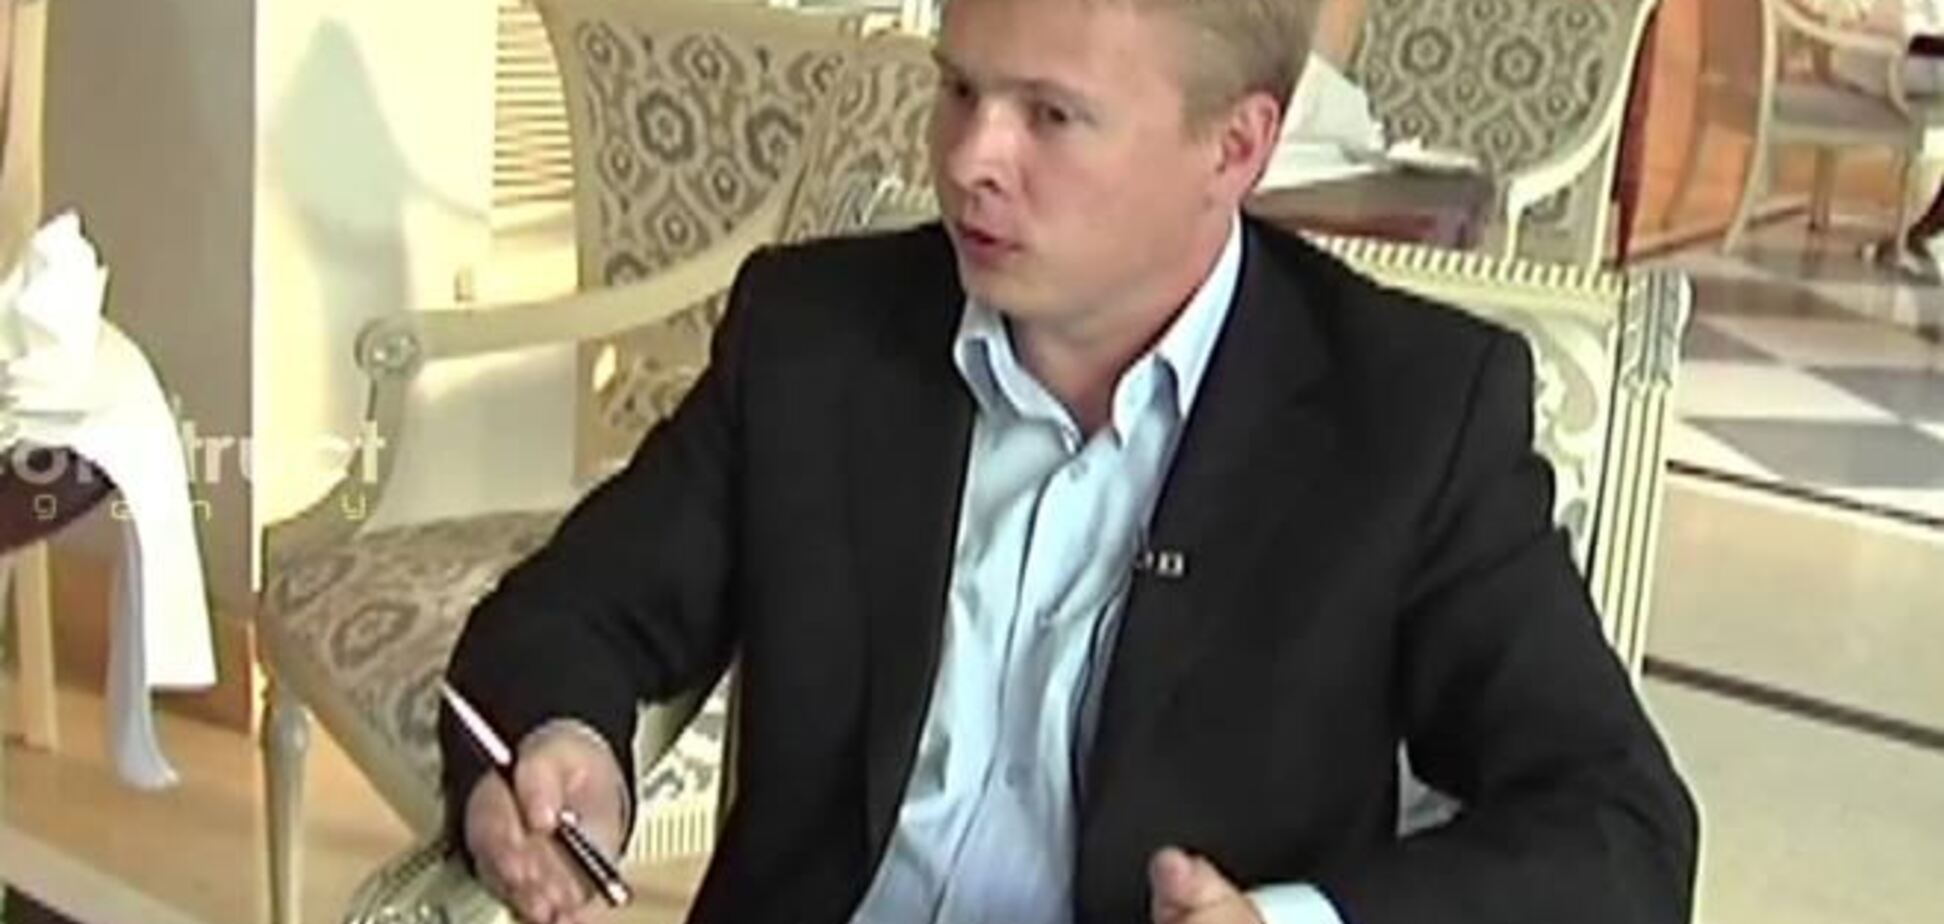 Во избежание ареста руководитель 'Дорожного контроля' уехал в Польшу